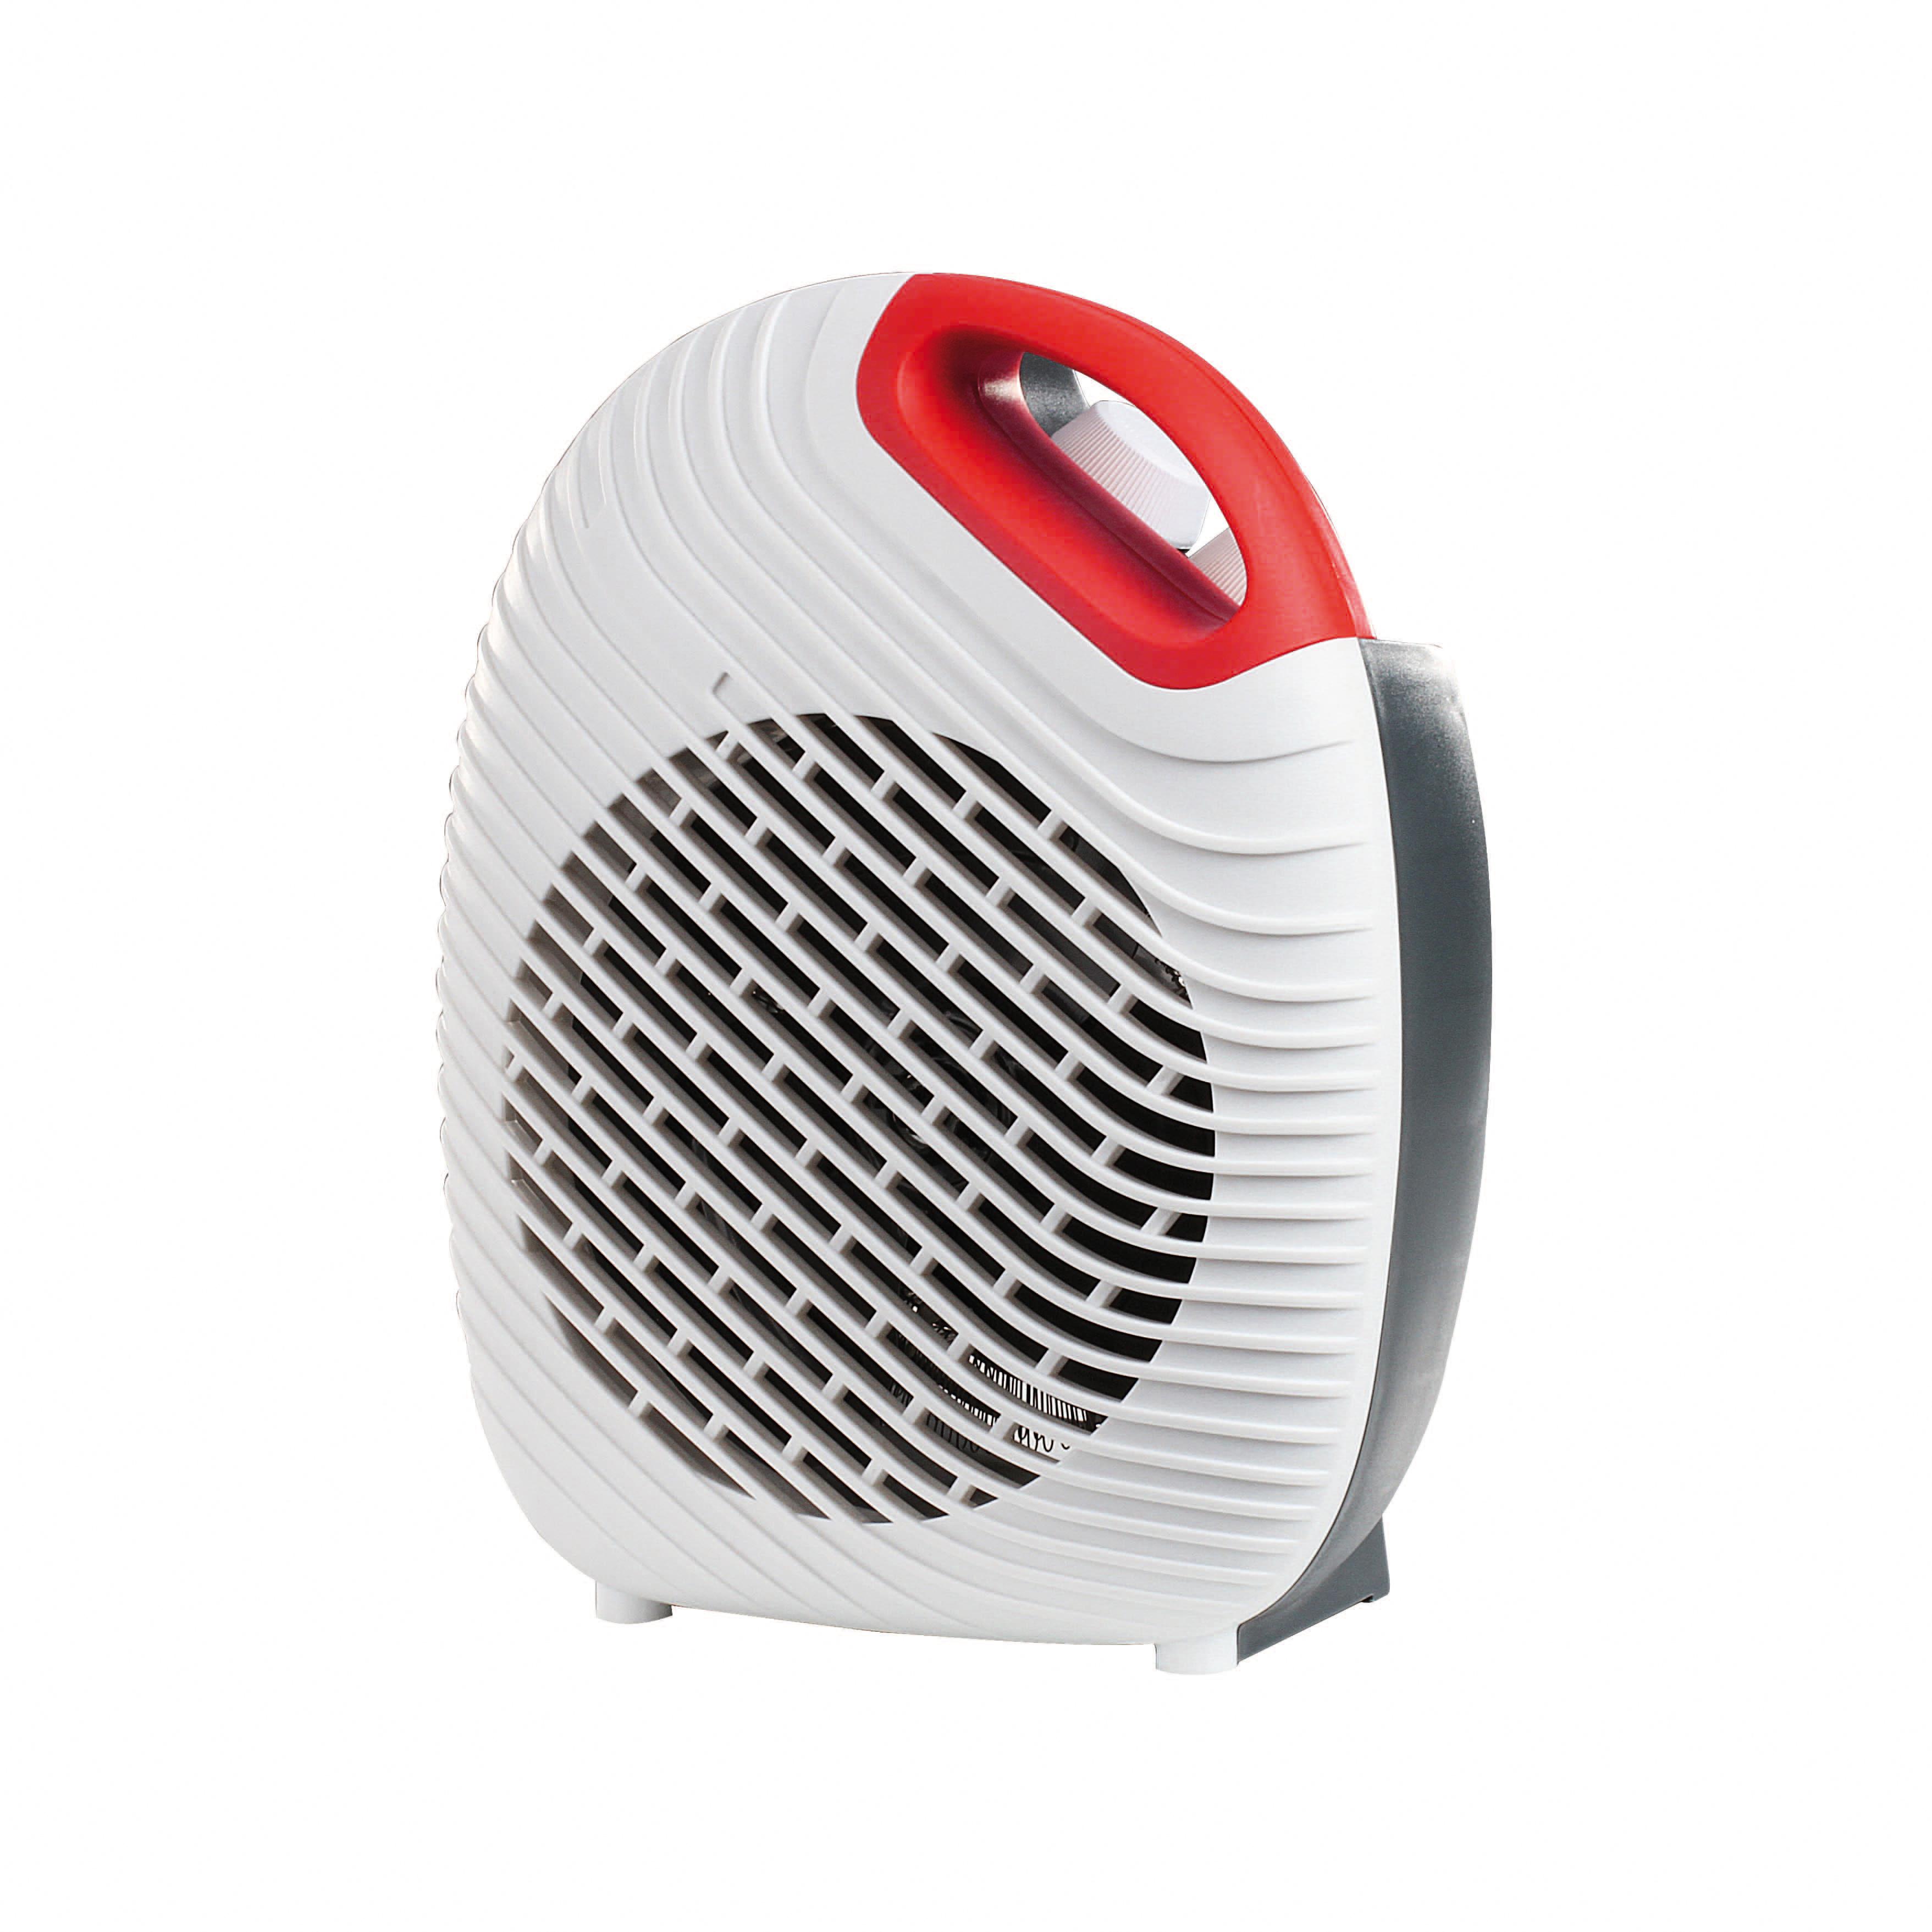 Domoclip chauffage soufflant blanc dom339w pas cher achat vente radiateur soufflant - Consommation radiateur bain d huile ...